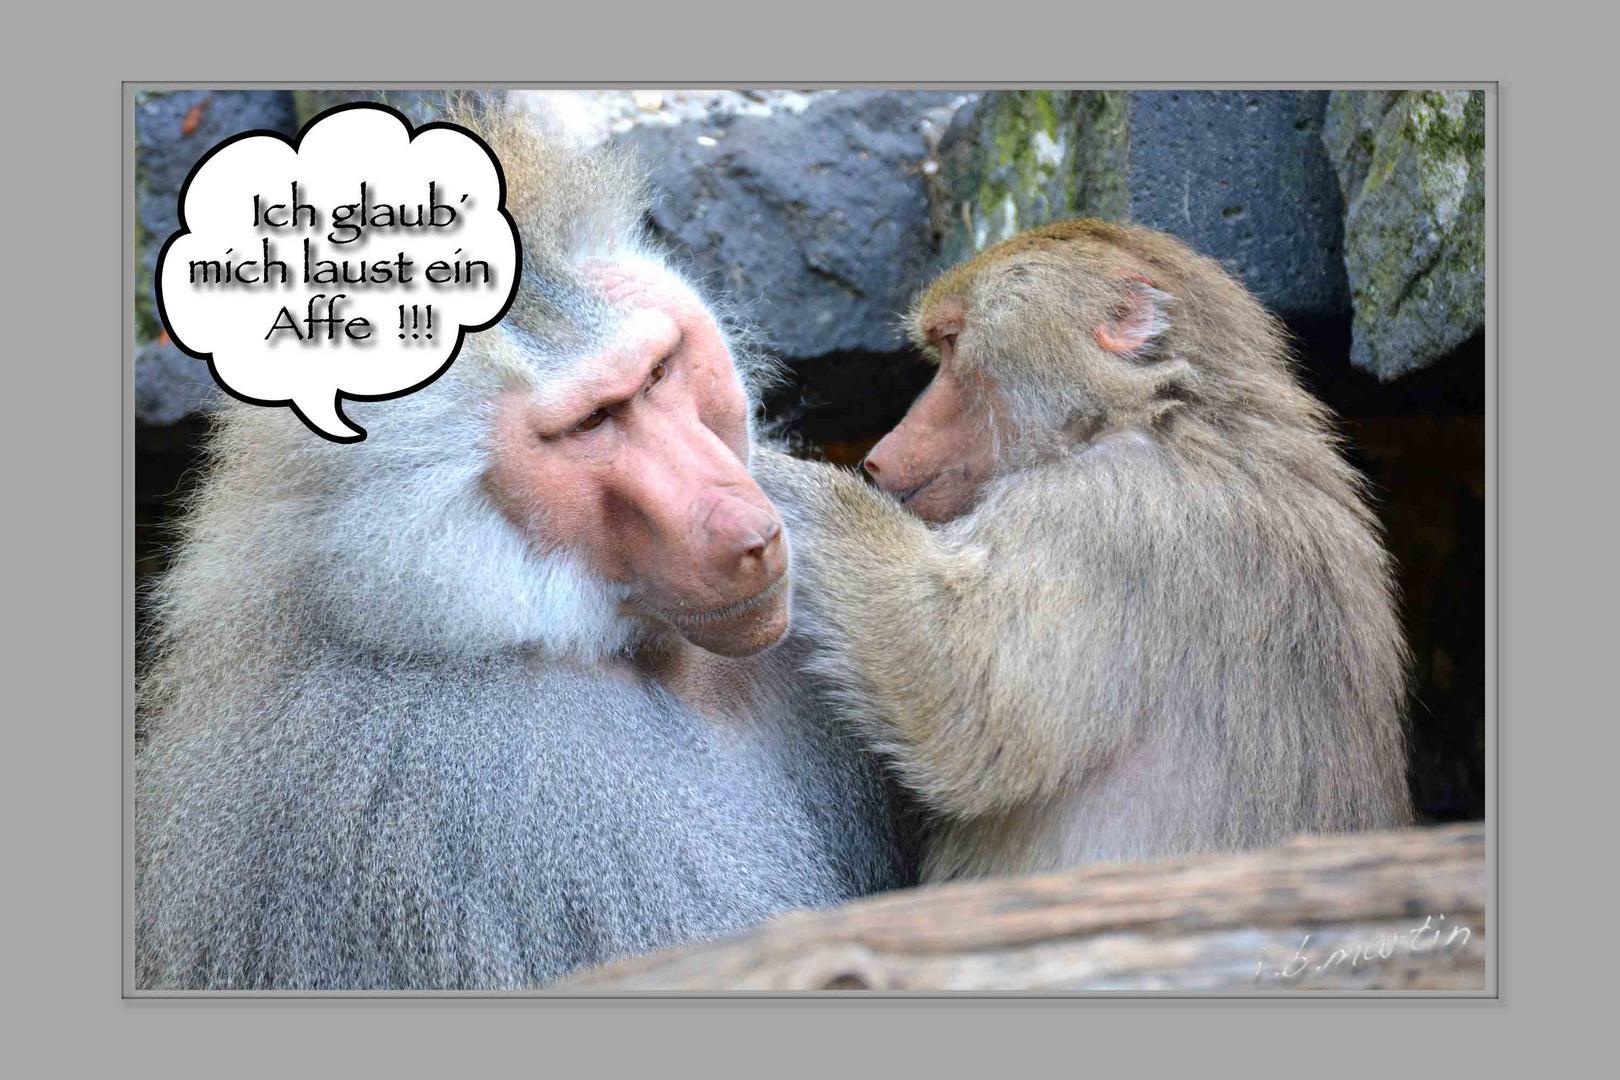 mich laust ein Affe